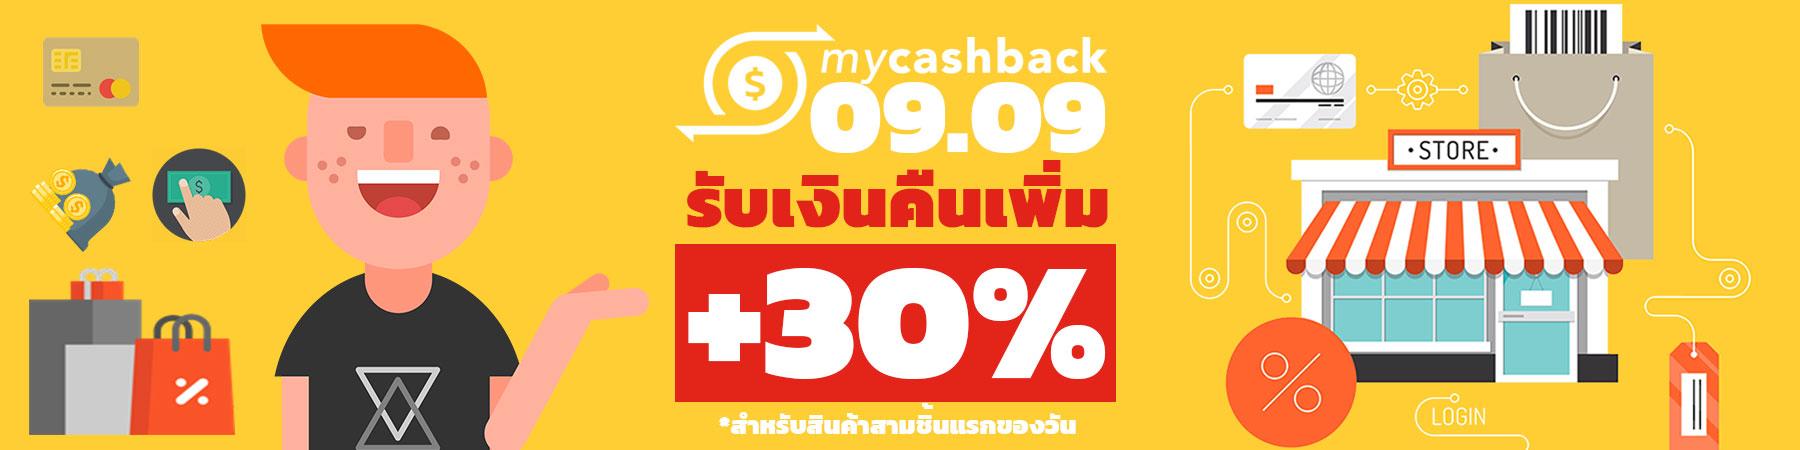 โปรโมชั่น 9.9 - 11.9 myCashback